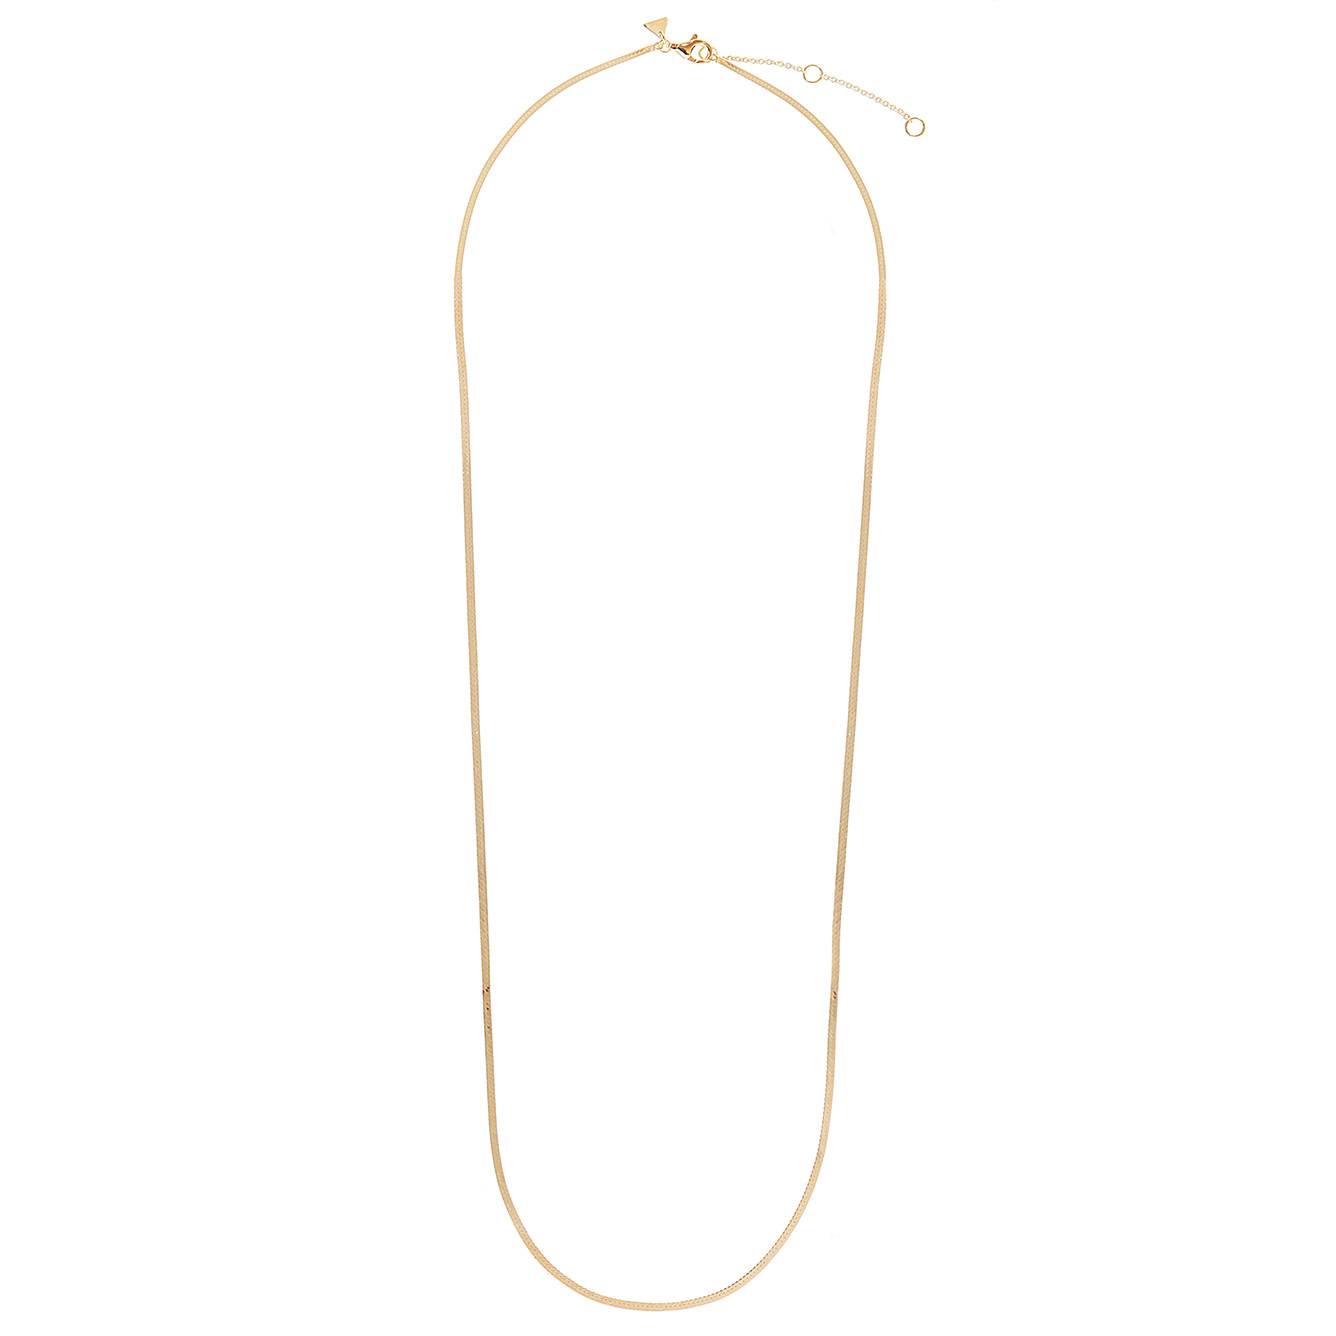 Romee Snake Chain 51cm Gold